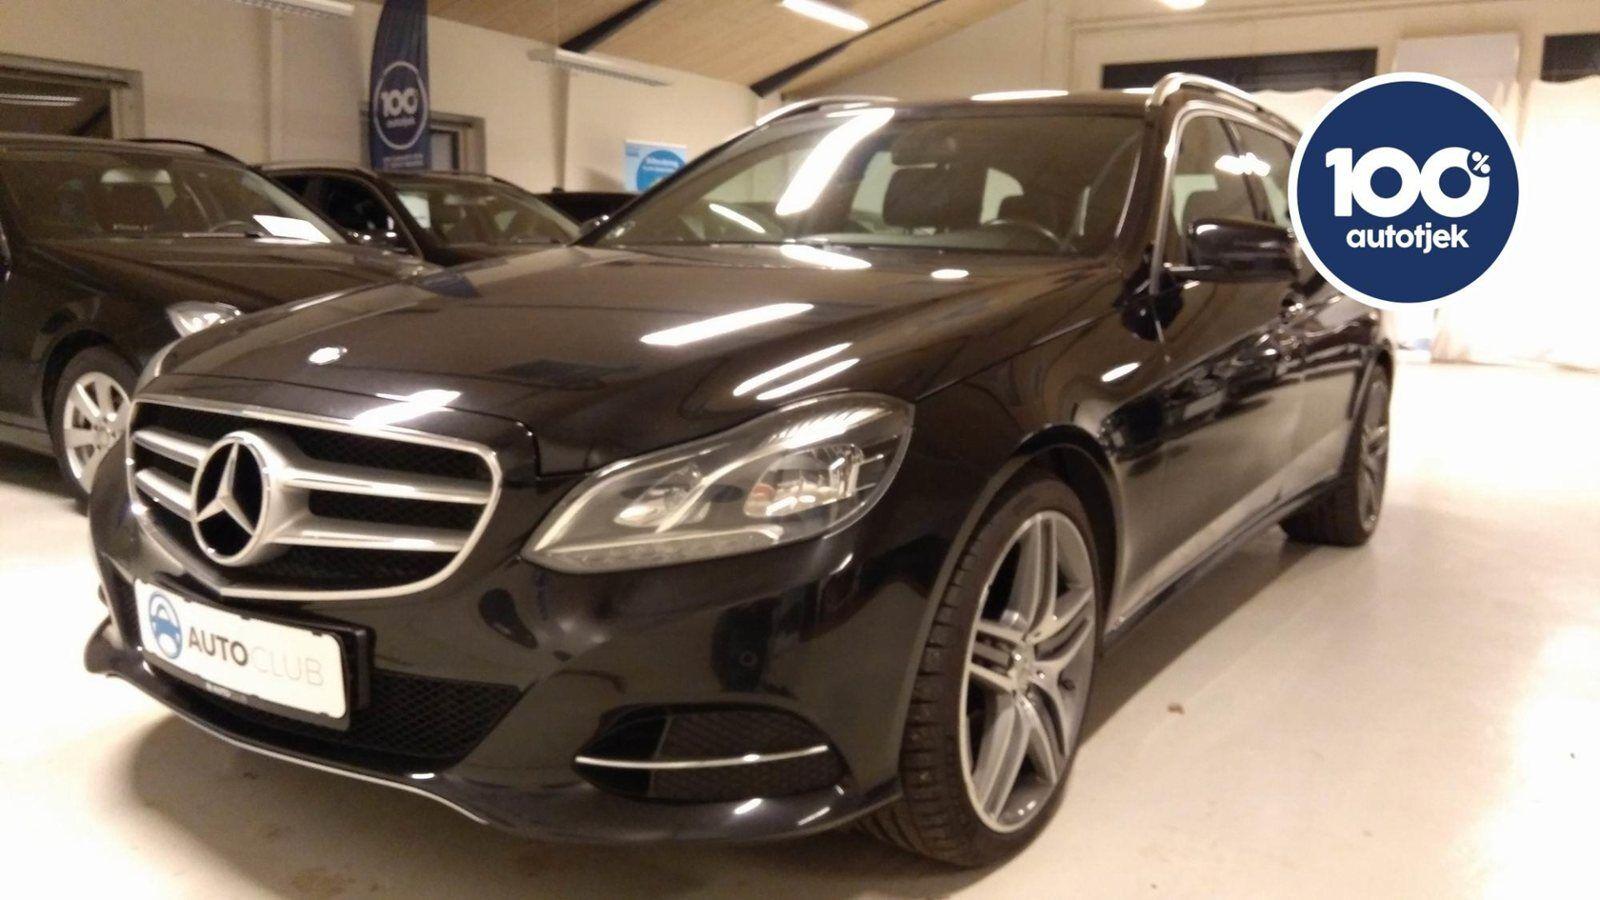 Mercedes E300 2,2 BlueTEC Hybrid Avantg. stc aut 5d